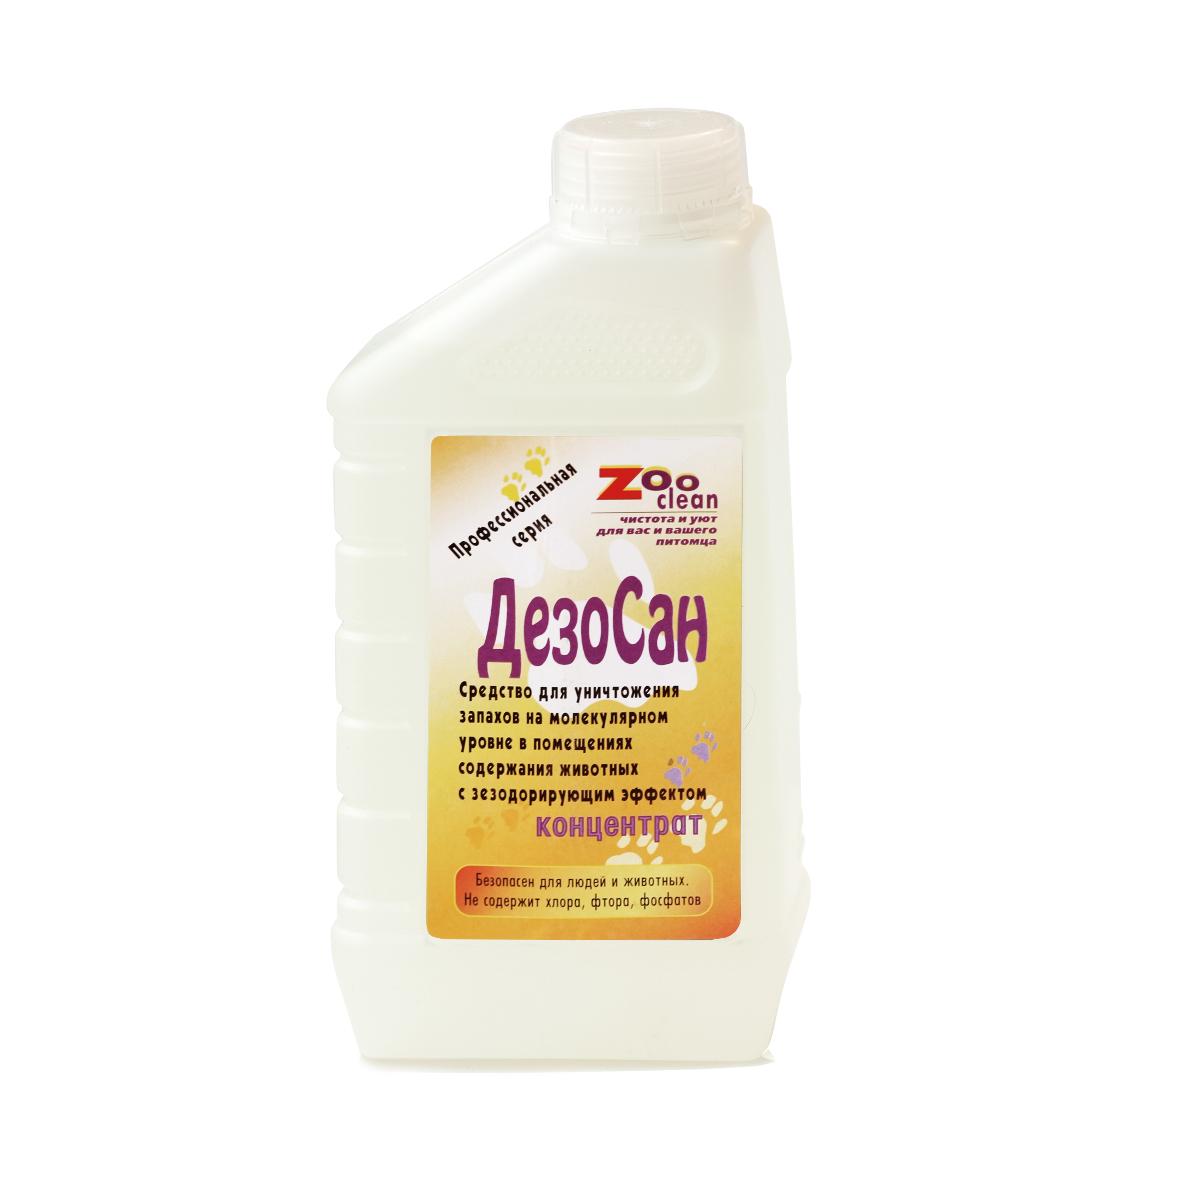 Средство для уничтожения запахов Zoo Clean ДезоСан, 1 лHS. 120010Zoo Clean ДезоСан - средство для удаления любых запахов Дезодорирущий эффект Удаляет любые запахи (в том числе фекальные) в воздушном пространстве и на всех поверхностях Снимает территориальные метки животных и уничтожает неприятные запахиОсобенности: Не заглушает, а уничтожает запах на молекулярном уровне.Не содержит: — Хлора.— Фтора.— Фосфатов.Безопасен для людей и животных.Рекомендовано и апробировано Российскими питомниками.Возможна обработка в присутствии животных. Область применения: Помещения содержания животных (квартиры, питомники, клетки) Ветклиники (уничтожает запах страха) ЗоогостиницыМеры предосторожности: Беречь от детей При попадании концентрата на кожу, в глаза и на слизистую оболочку немедленно промыть водой.Не применять для посуды!Состав: Неионогенный ПАВ, специальные добавки, пищевая отдушка.